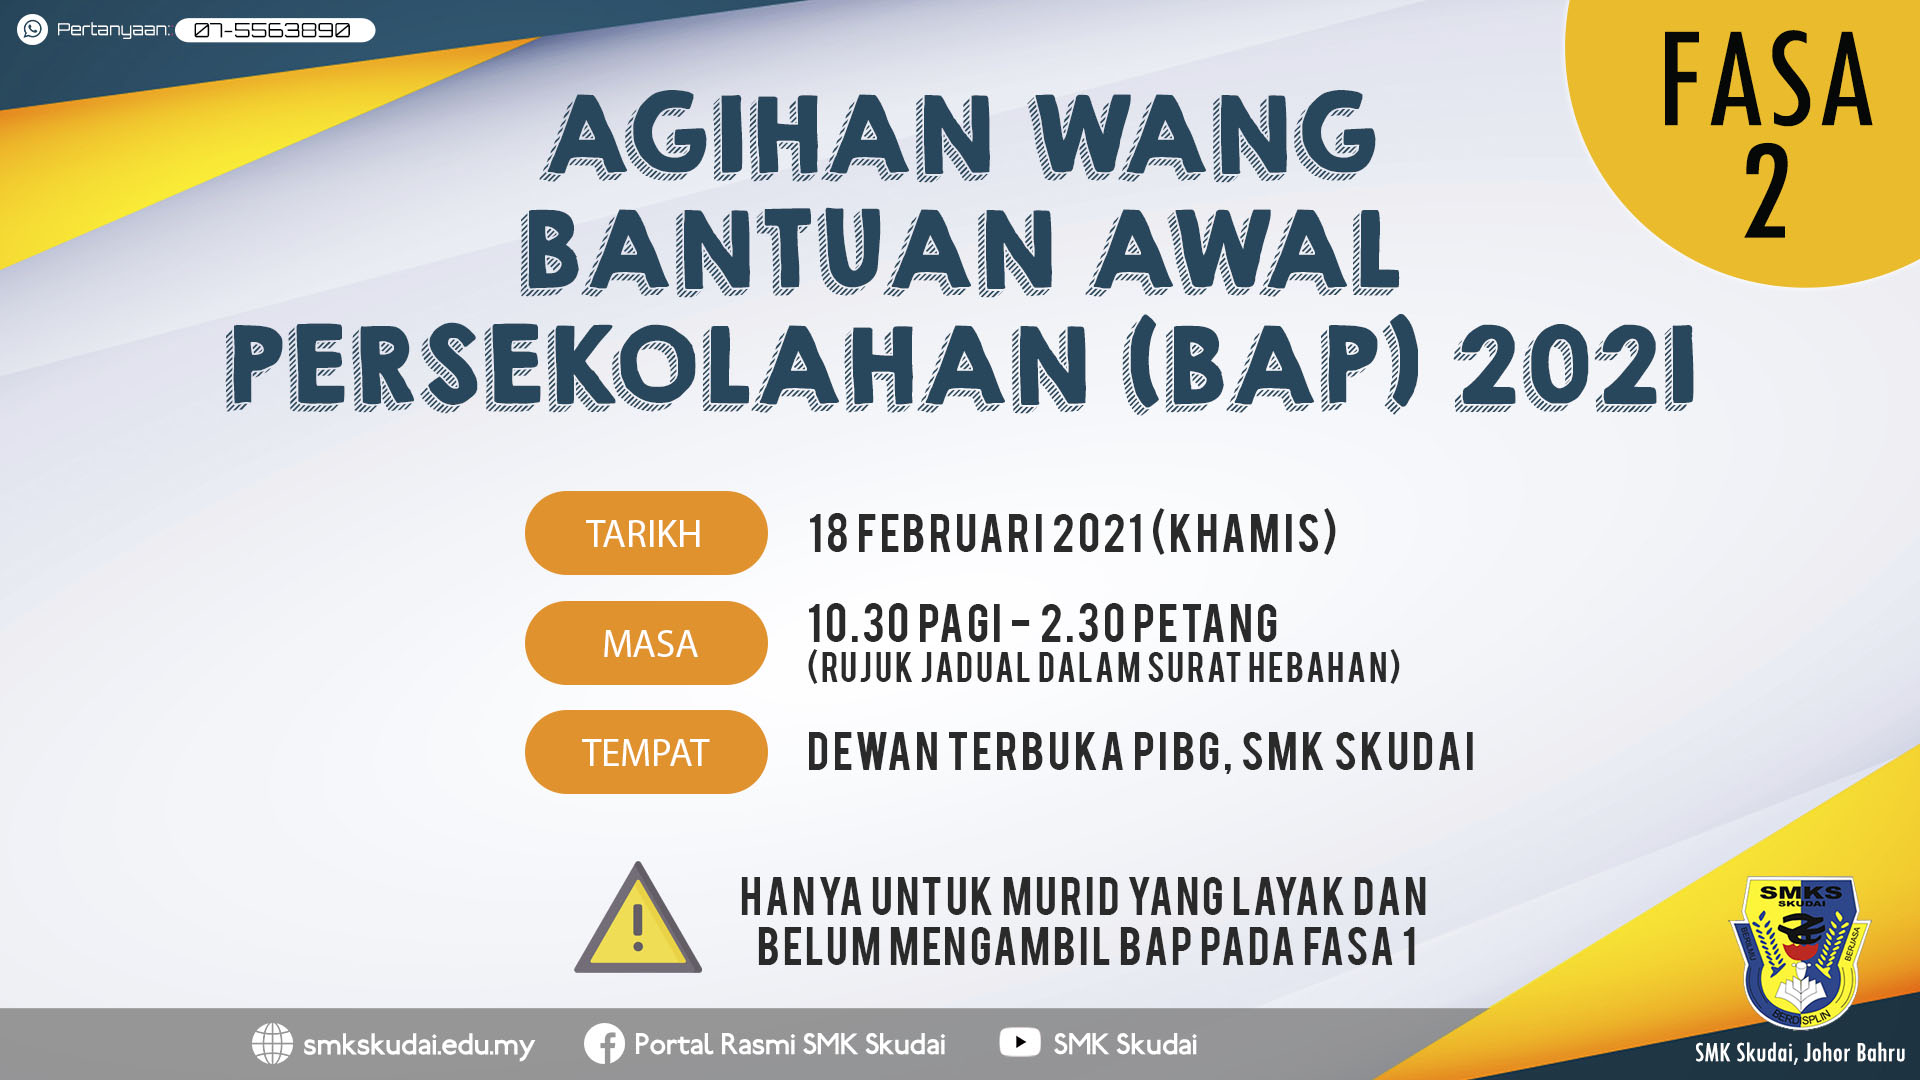 Makluman Agihan Wang Bantuan Awal Persekolahan (BAP) 2021 Fasa 2